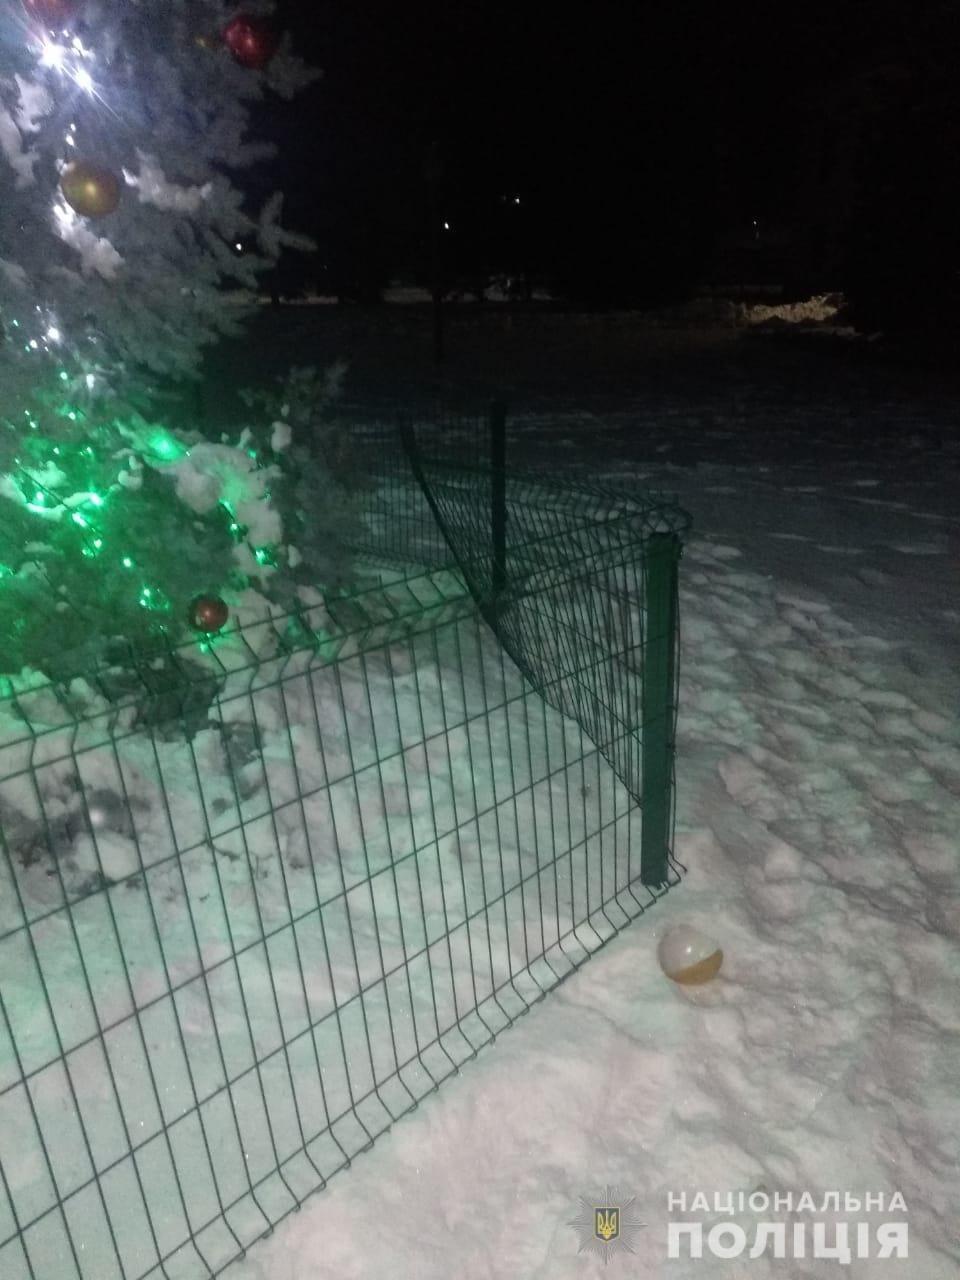 Под Харьковом подростки разнесли новогоднюю елку, - ФОТО, фото-1